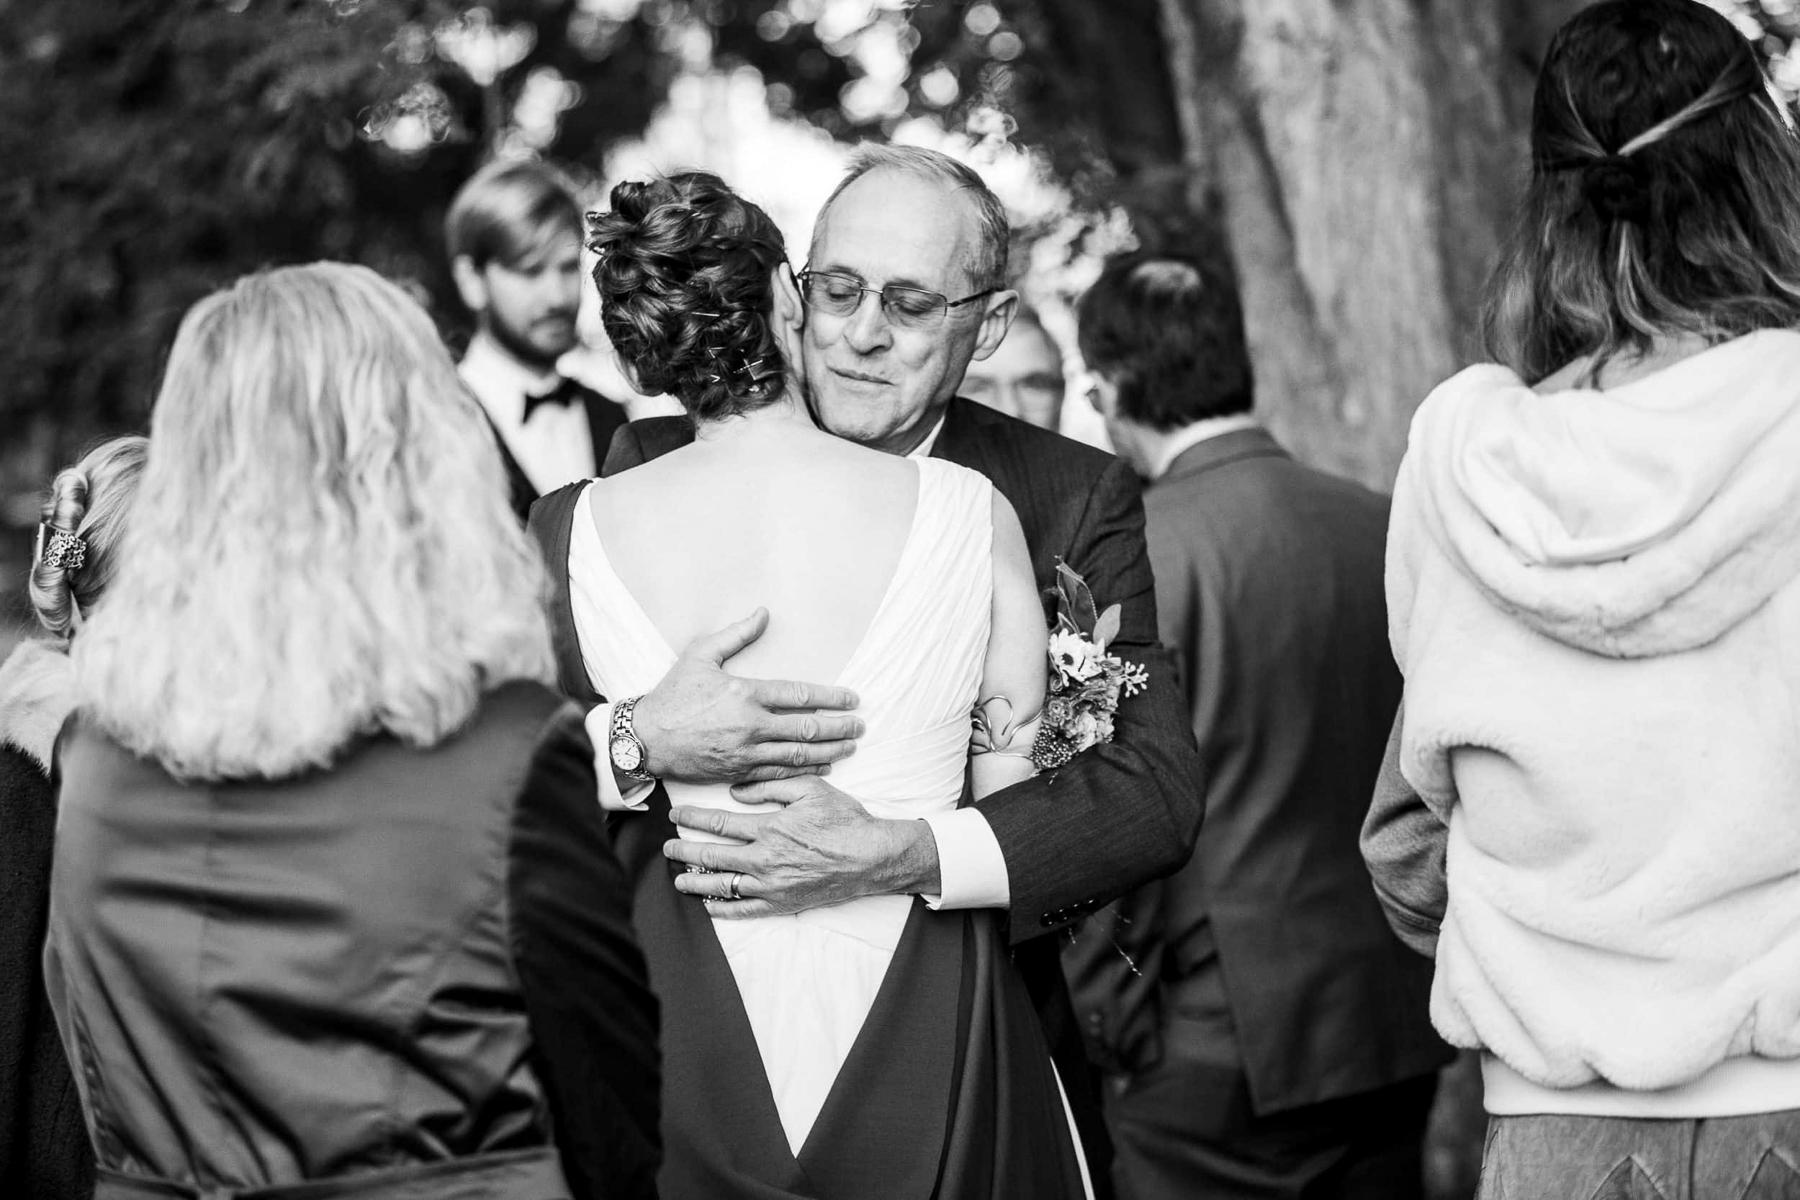 Top Boulder CO Fotografen | Der Brautvater umarmt die Braut